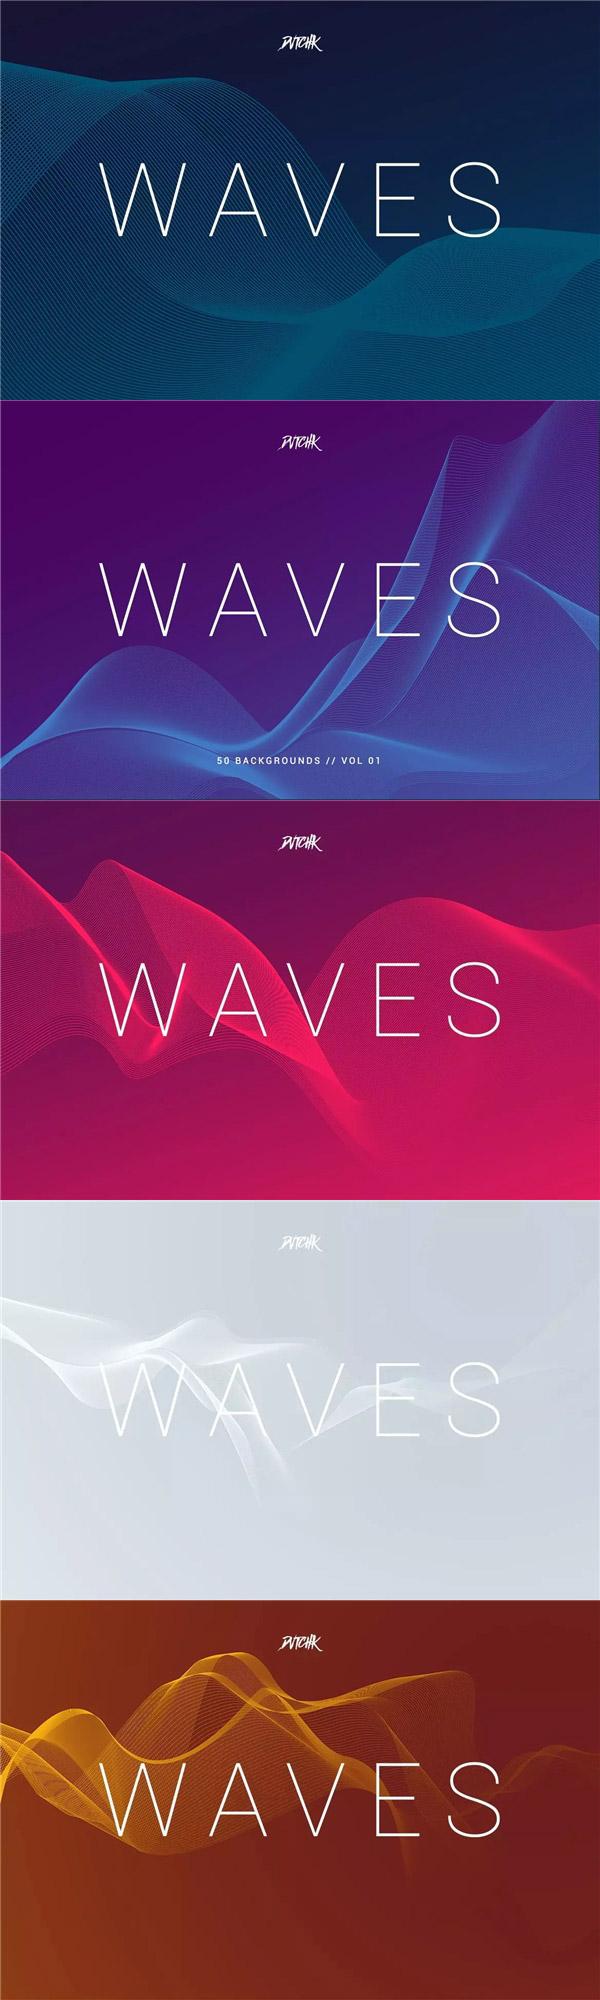 波浪轮廓背景